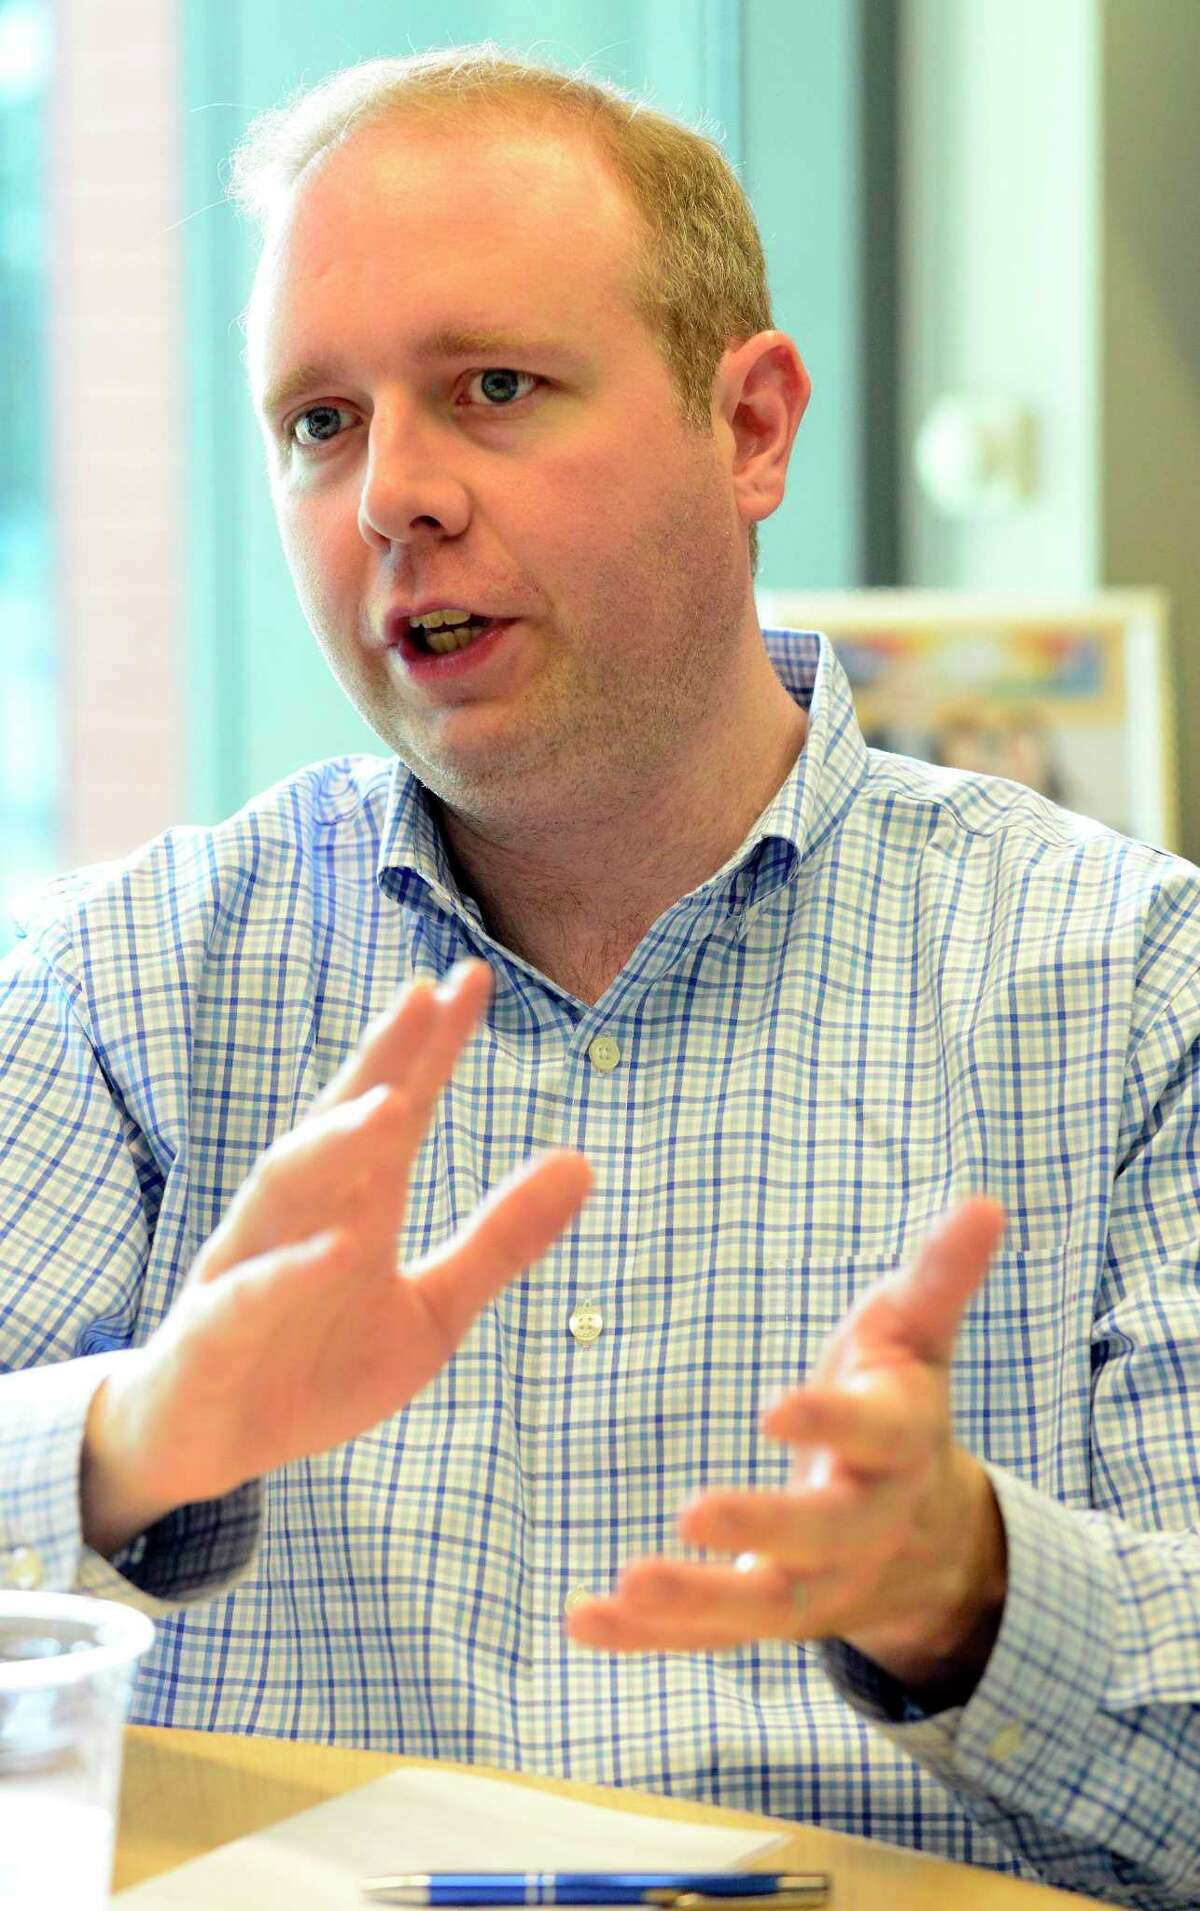 Matthew Granade is head of venture capital firm Point72 Ventures.